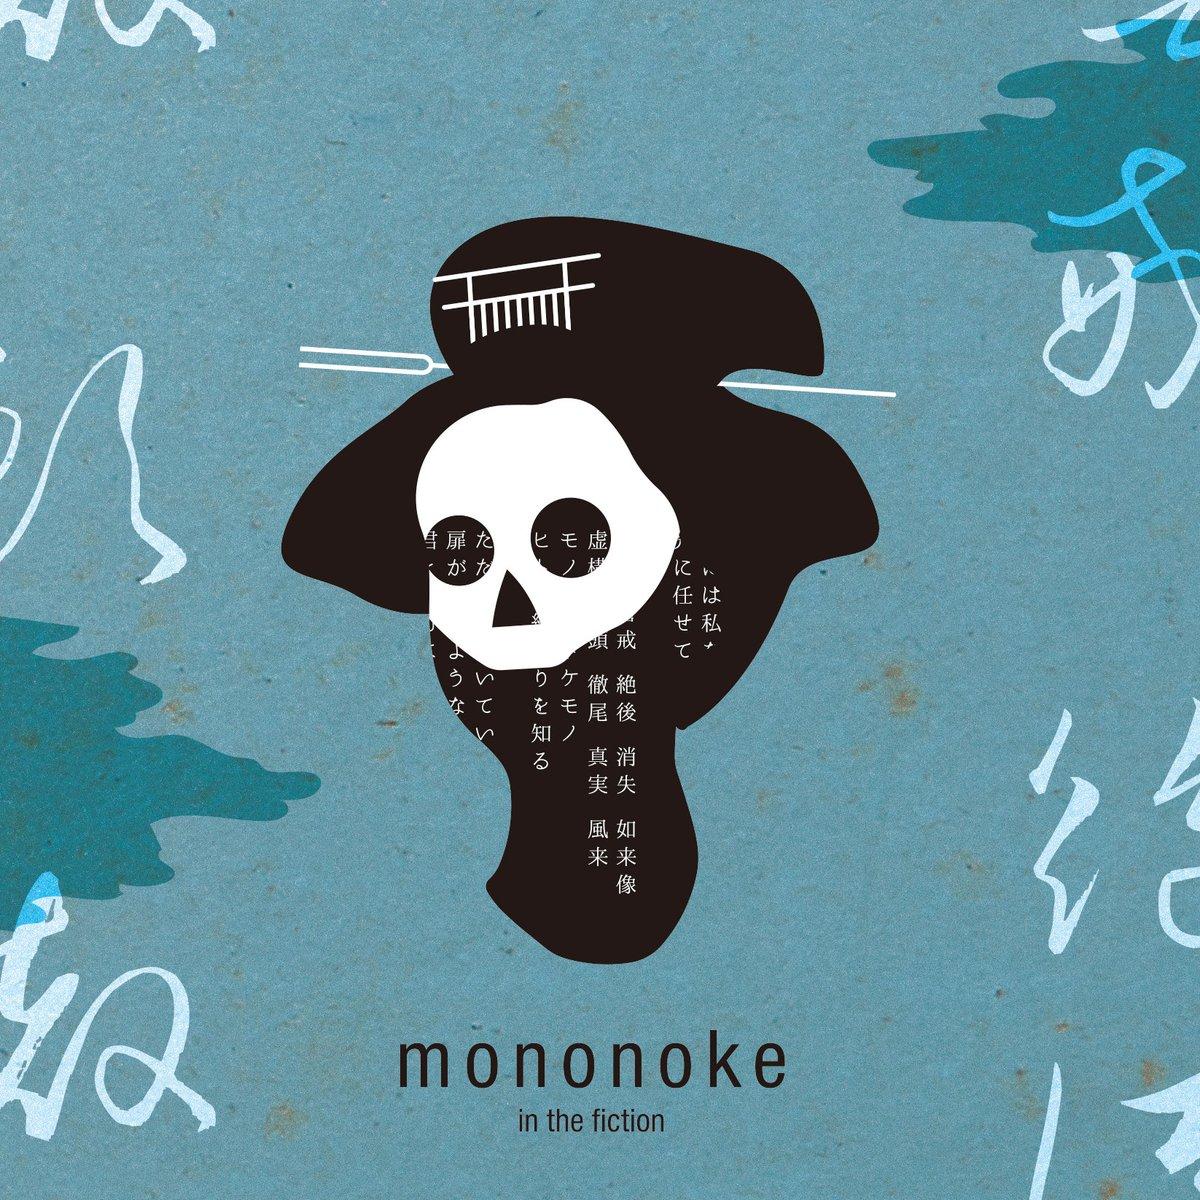 『嘘とカメレオン - アルカナ』収録の『モノノケ・イン・ザ・フィクション』ジャケット